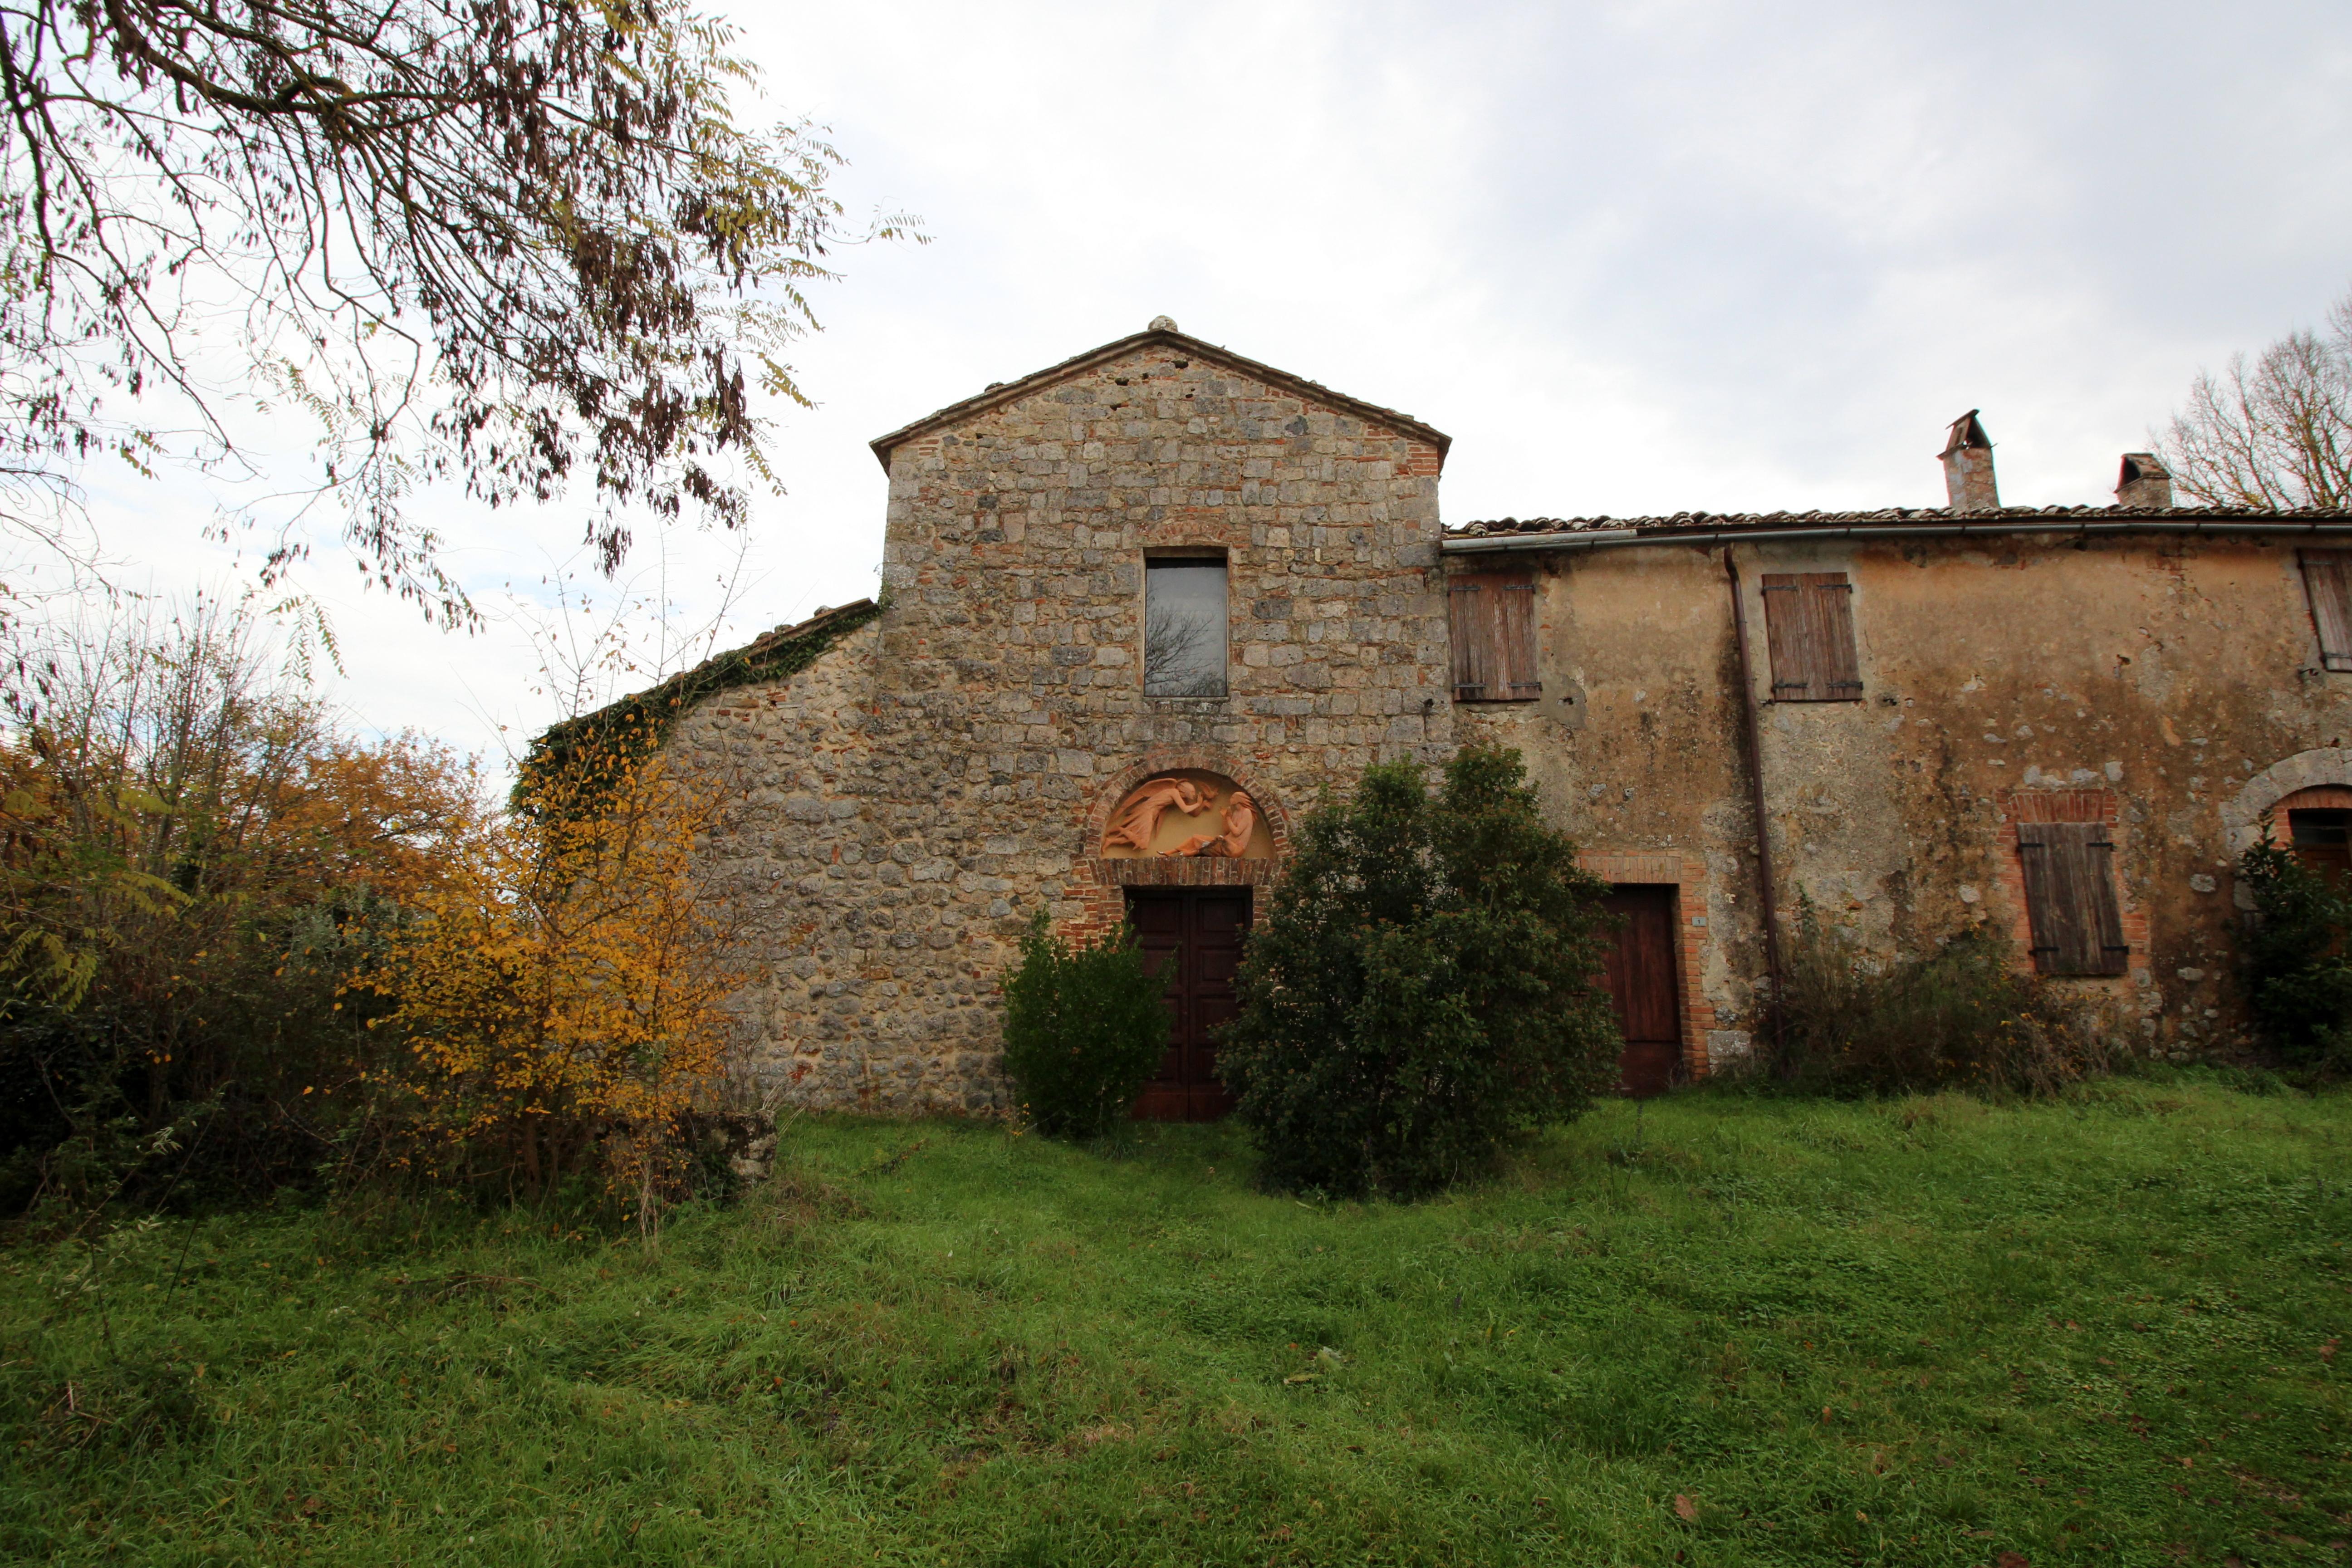 Pieve San Giusto, Sovicille